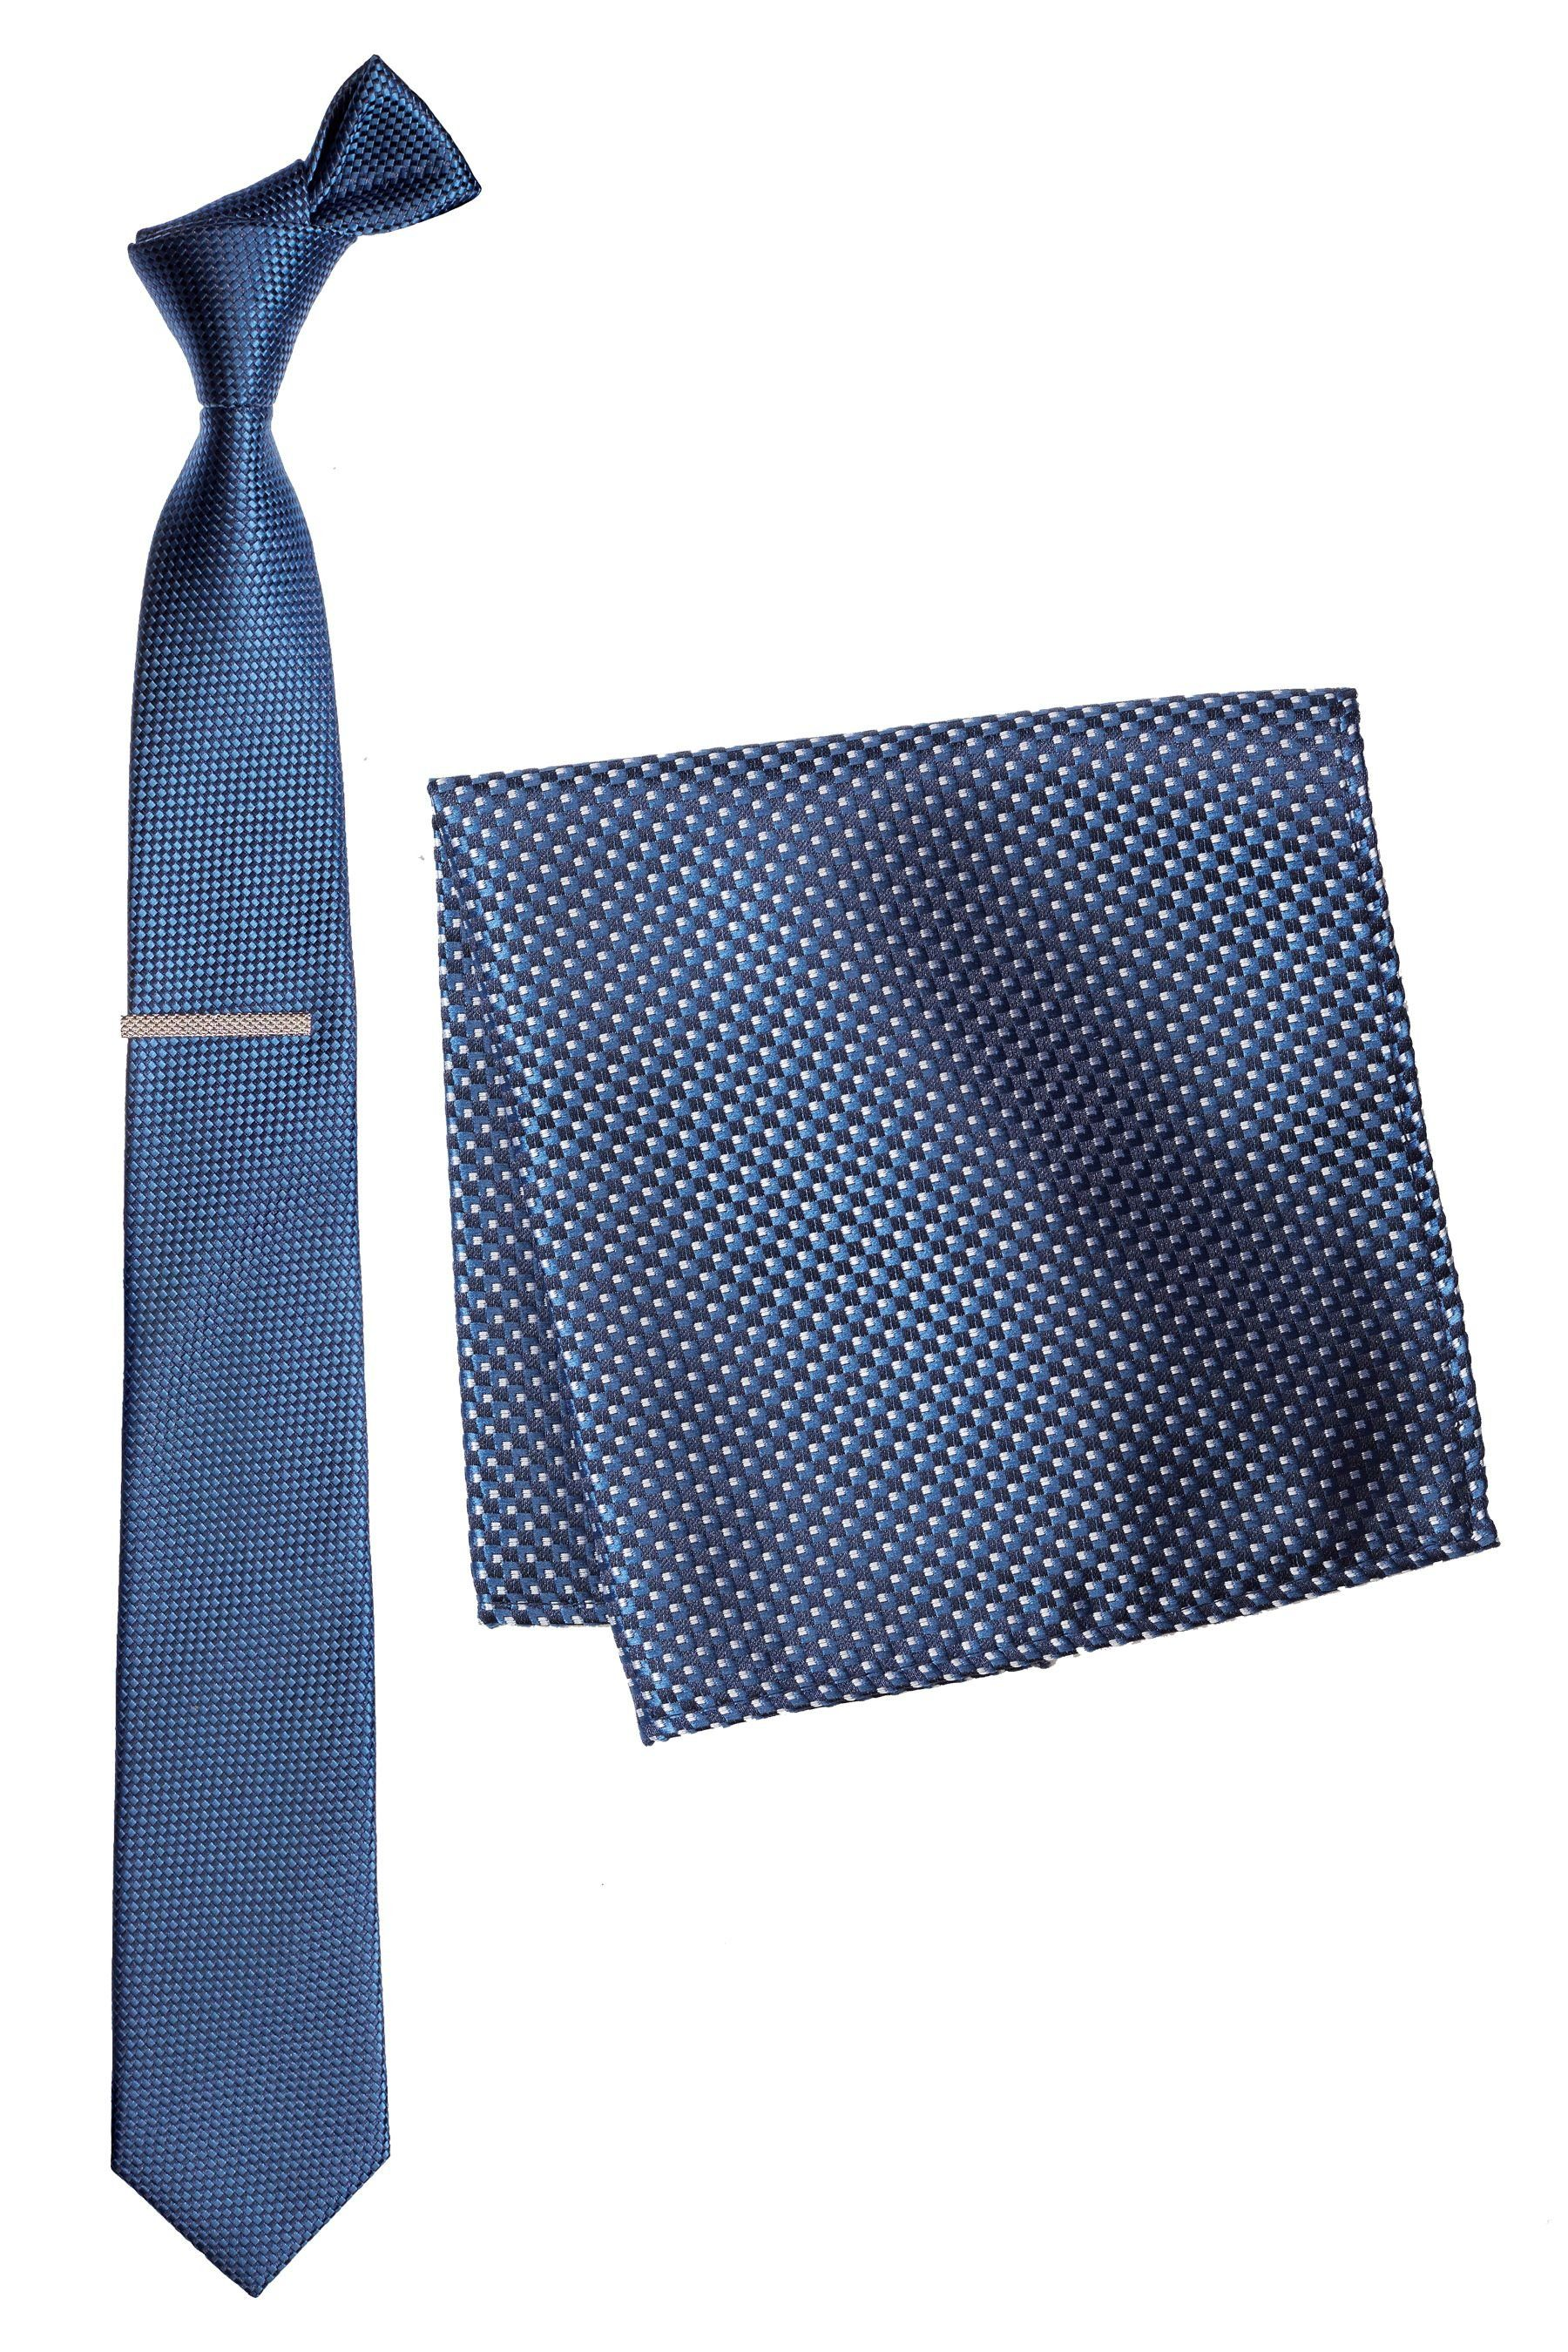 Next Strukturierte Krawatte, Einstecktuch und Krawattenklammer 3 teilig